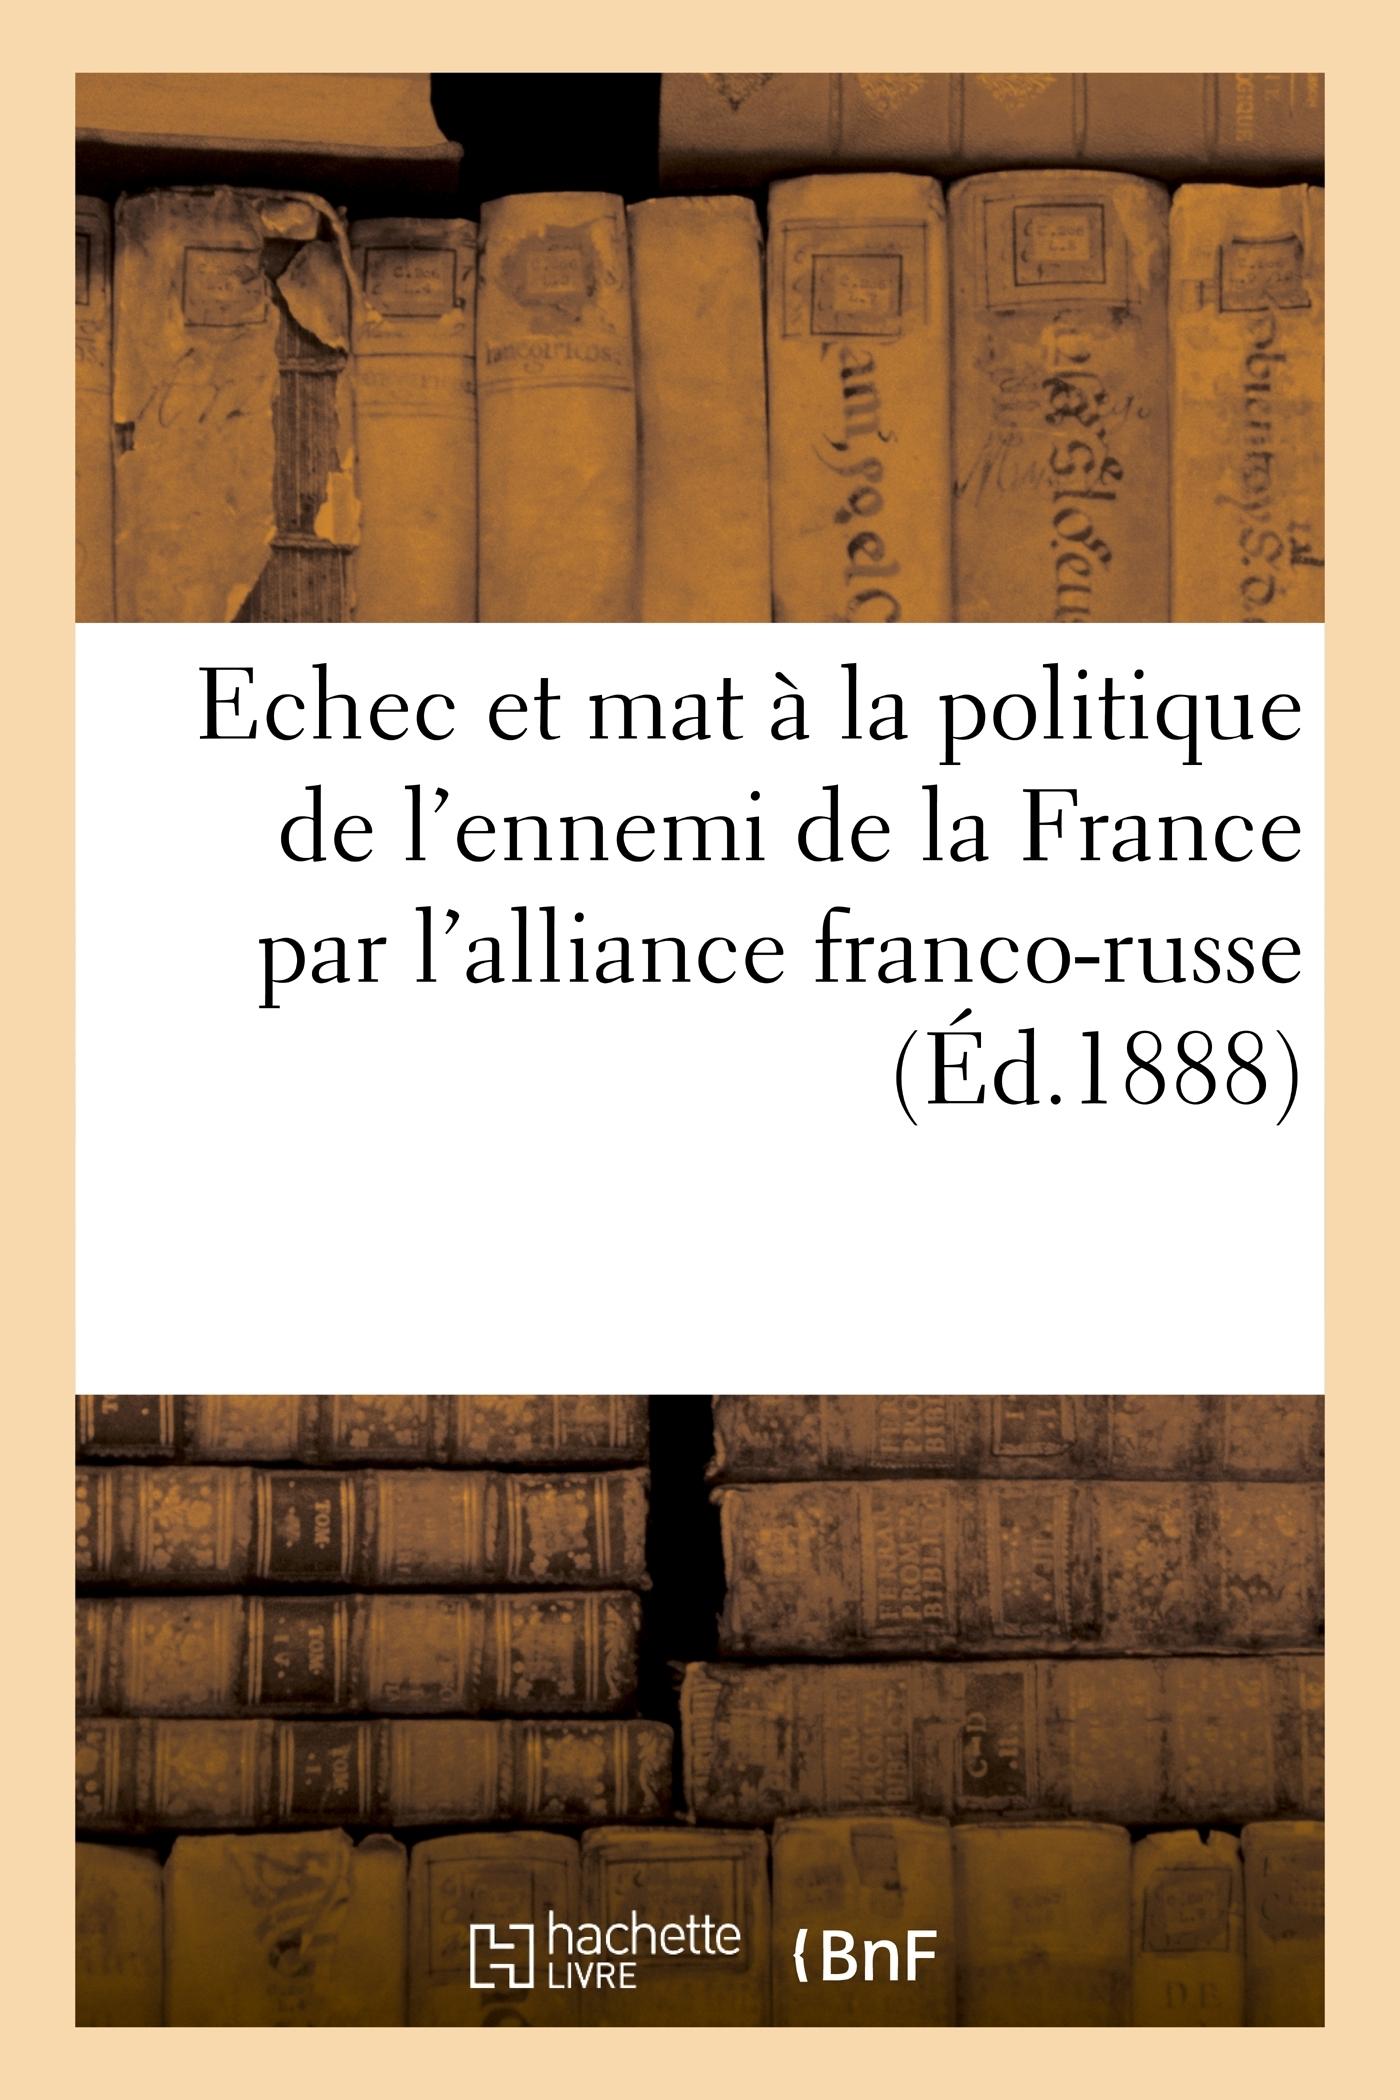 ECHEC ET MAT A LA POLITIQUE DE L'ENNEMI DE LA FRANCE PAR L'ALLIANCE FRANCO-RUSSE (ED.1888)